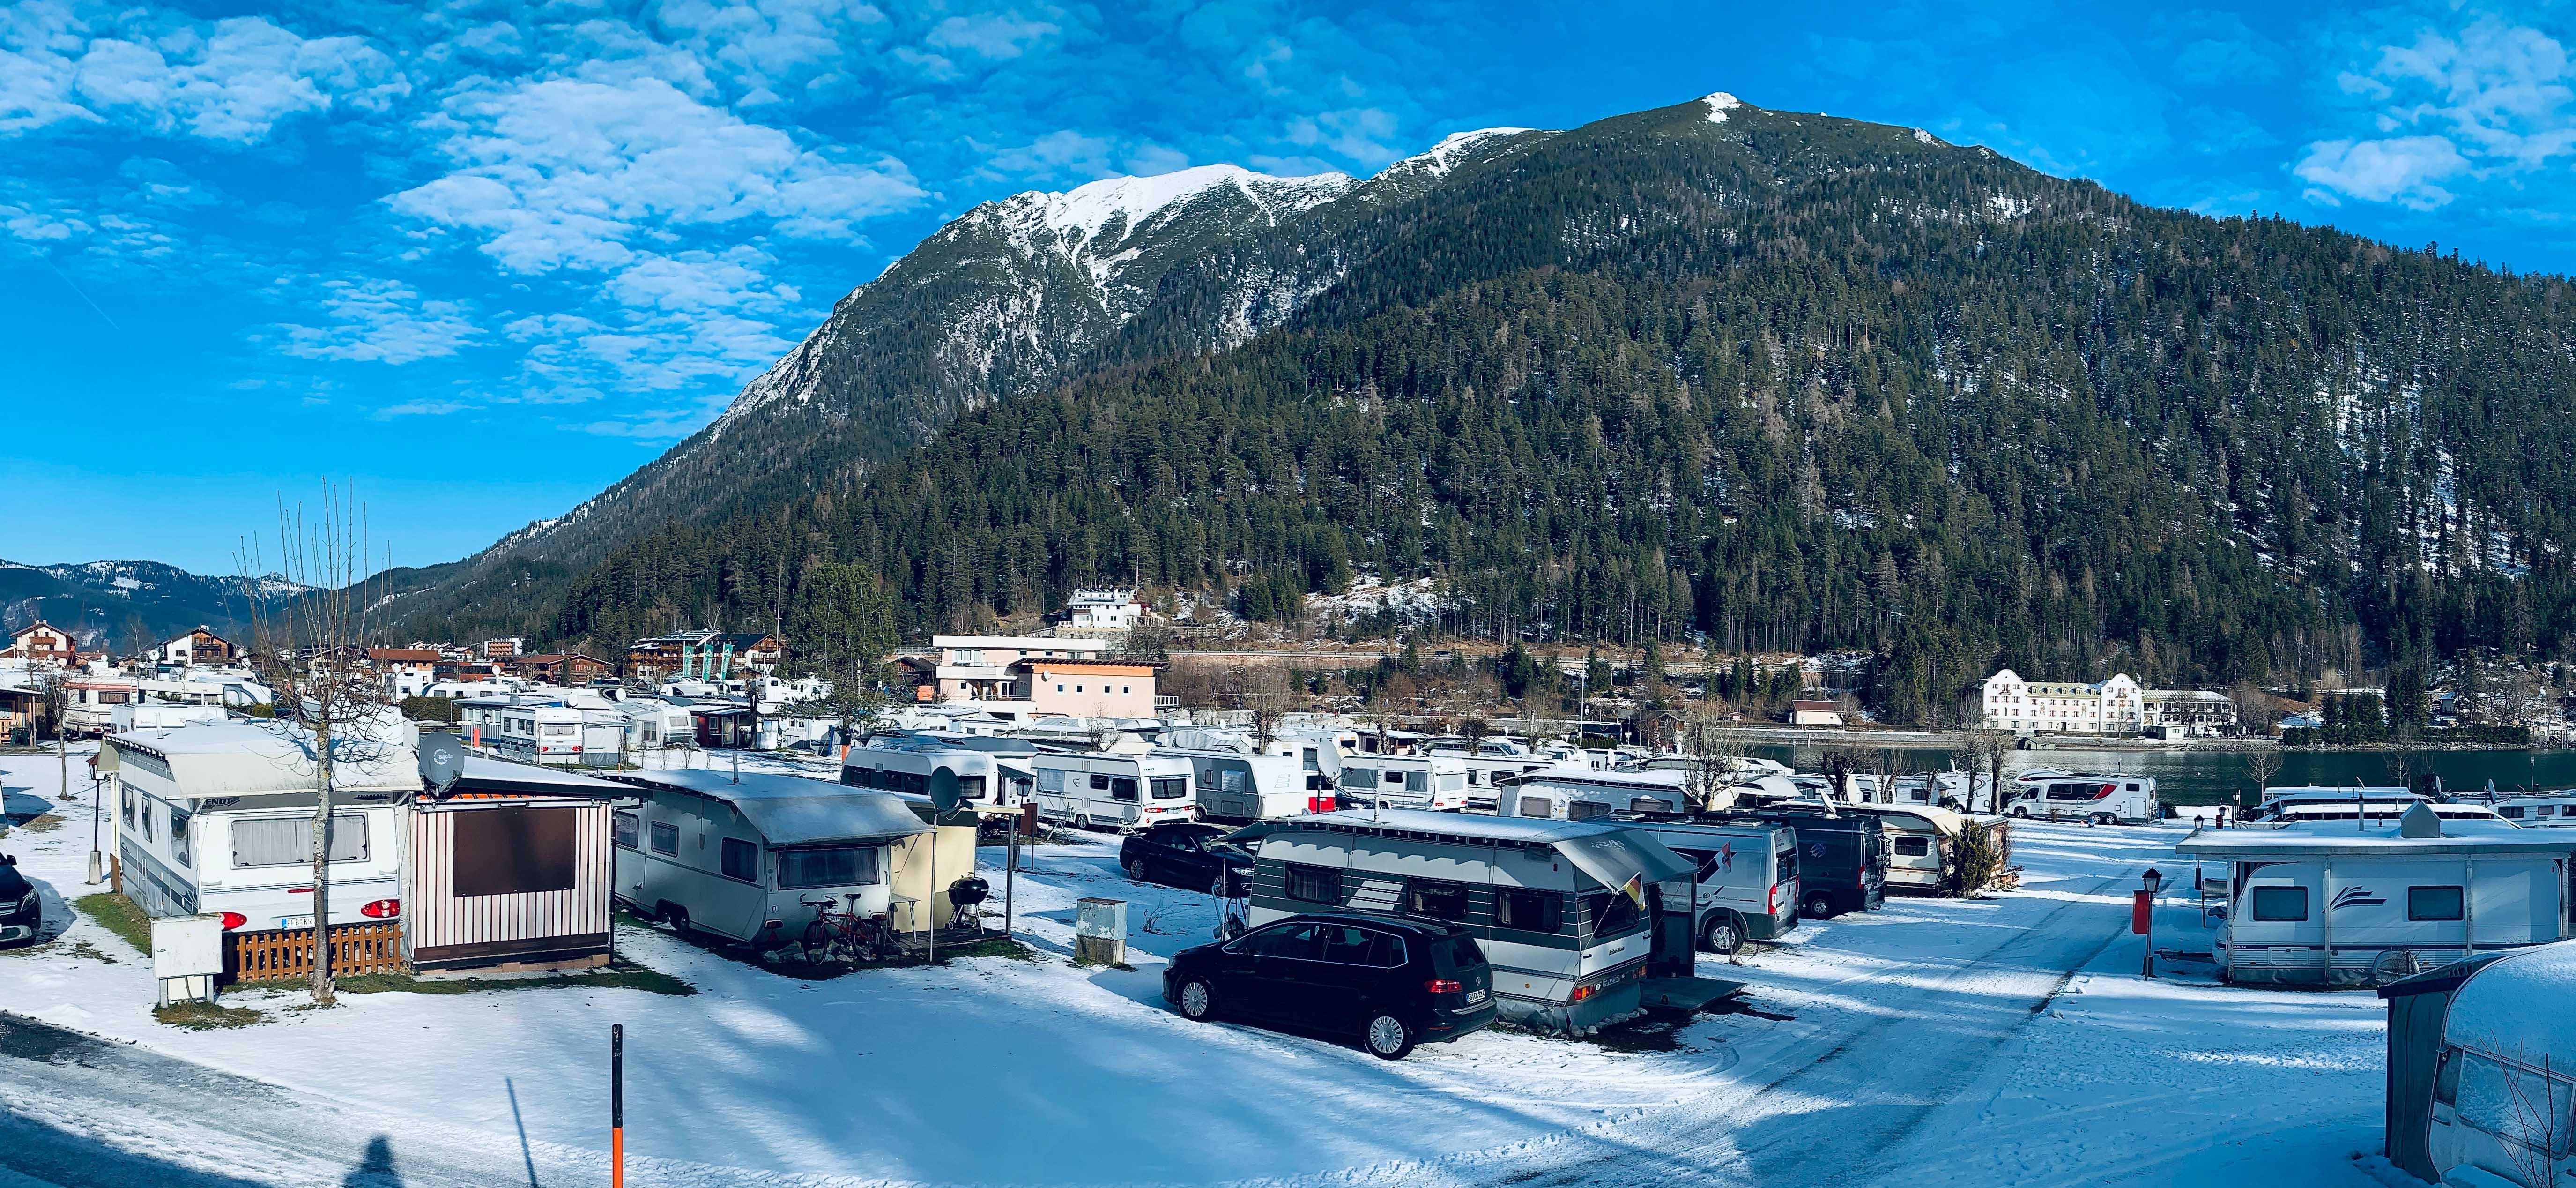 Alpen Caravanpark Achensee01